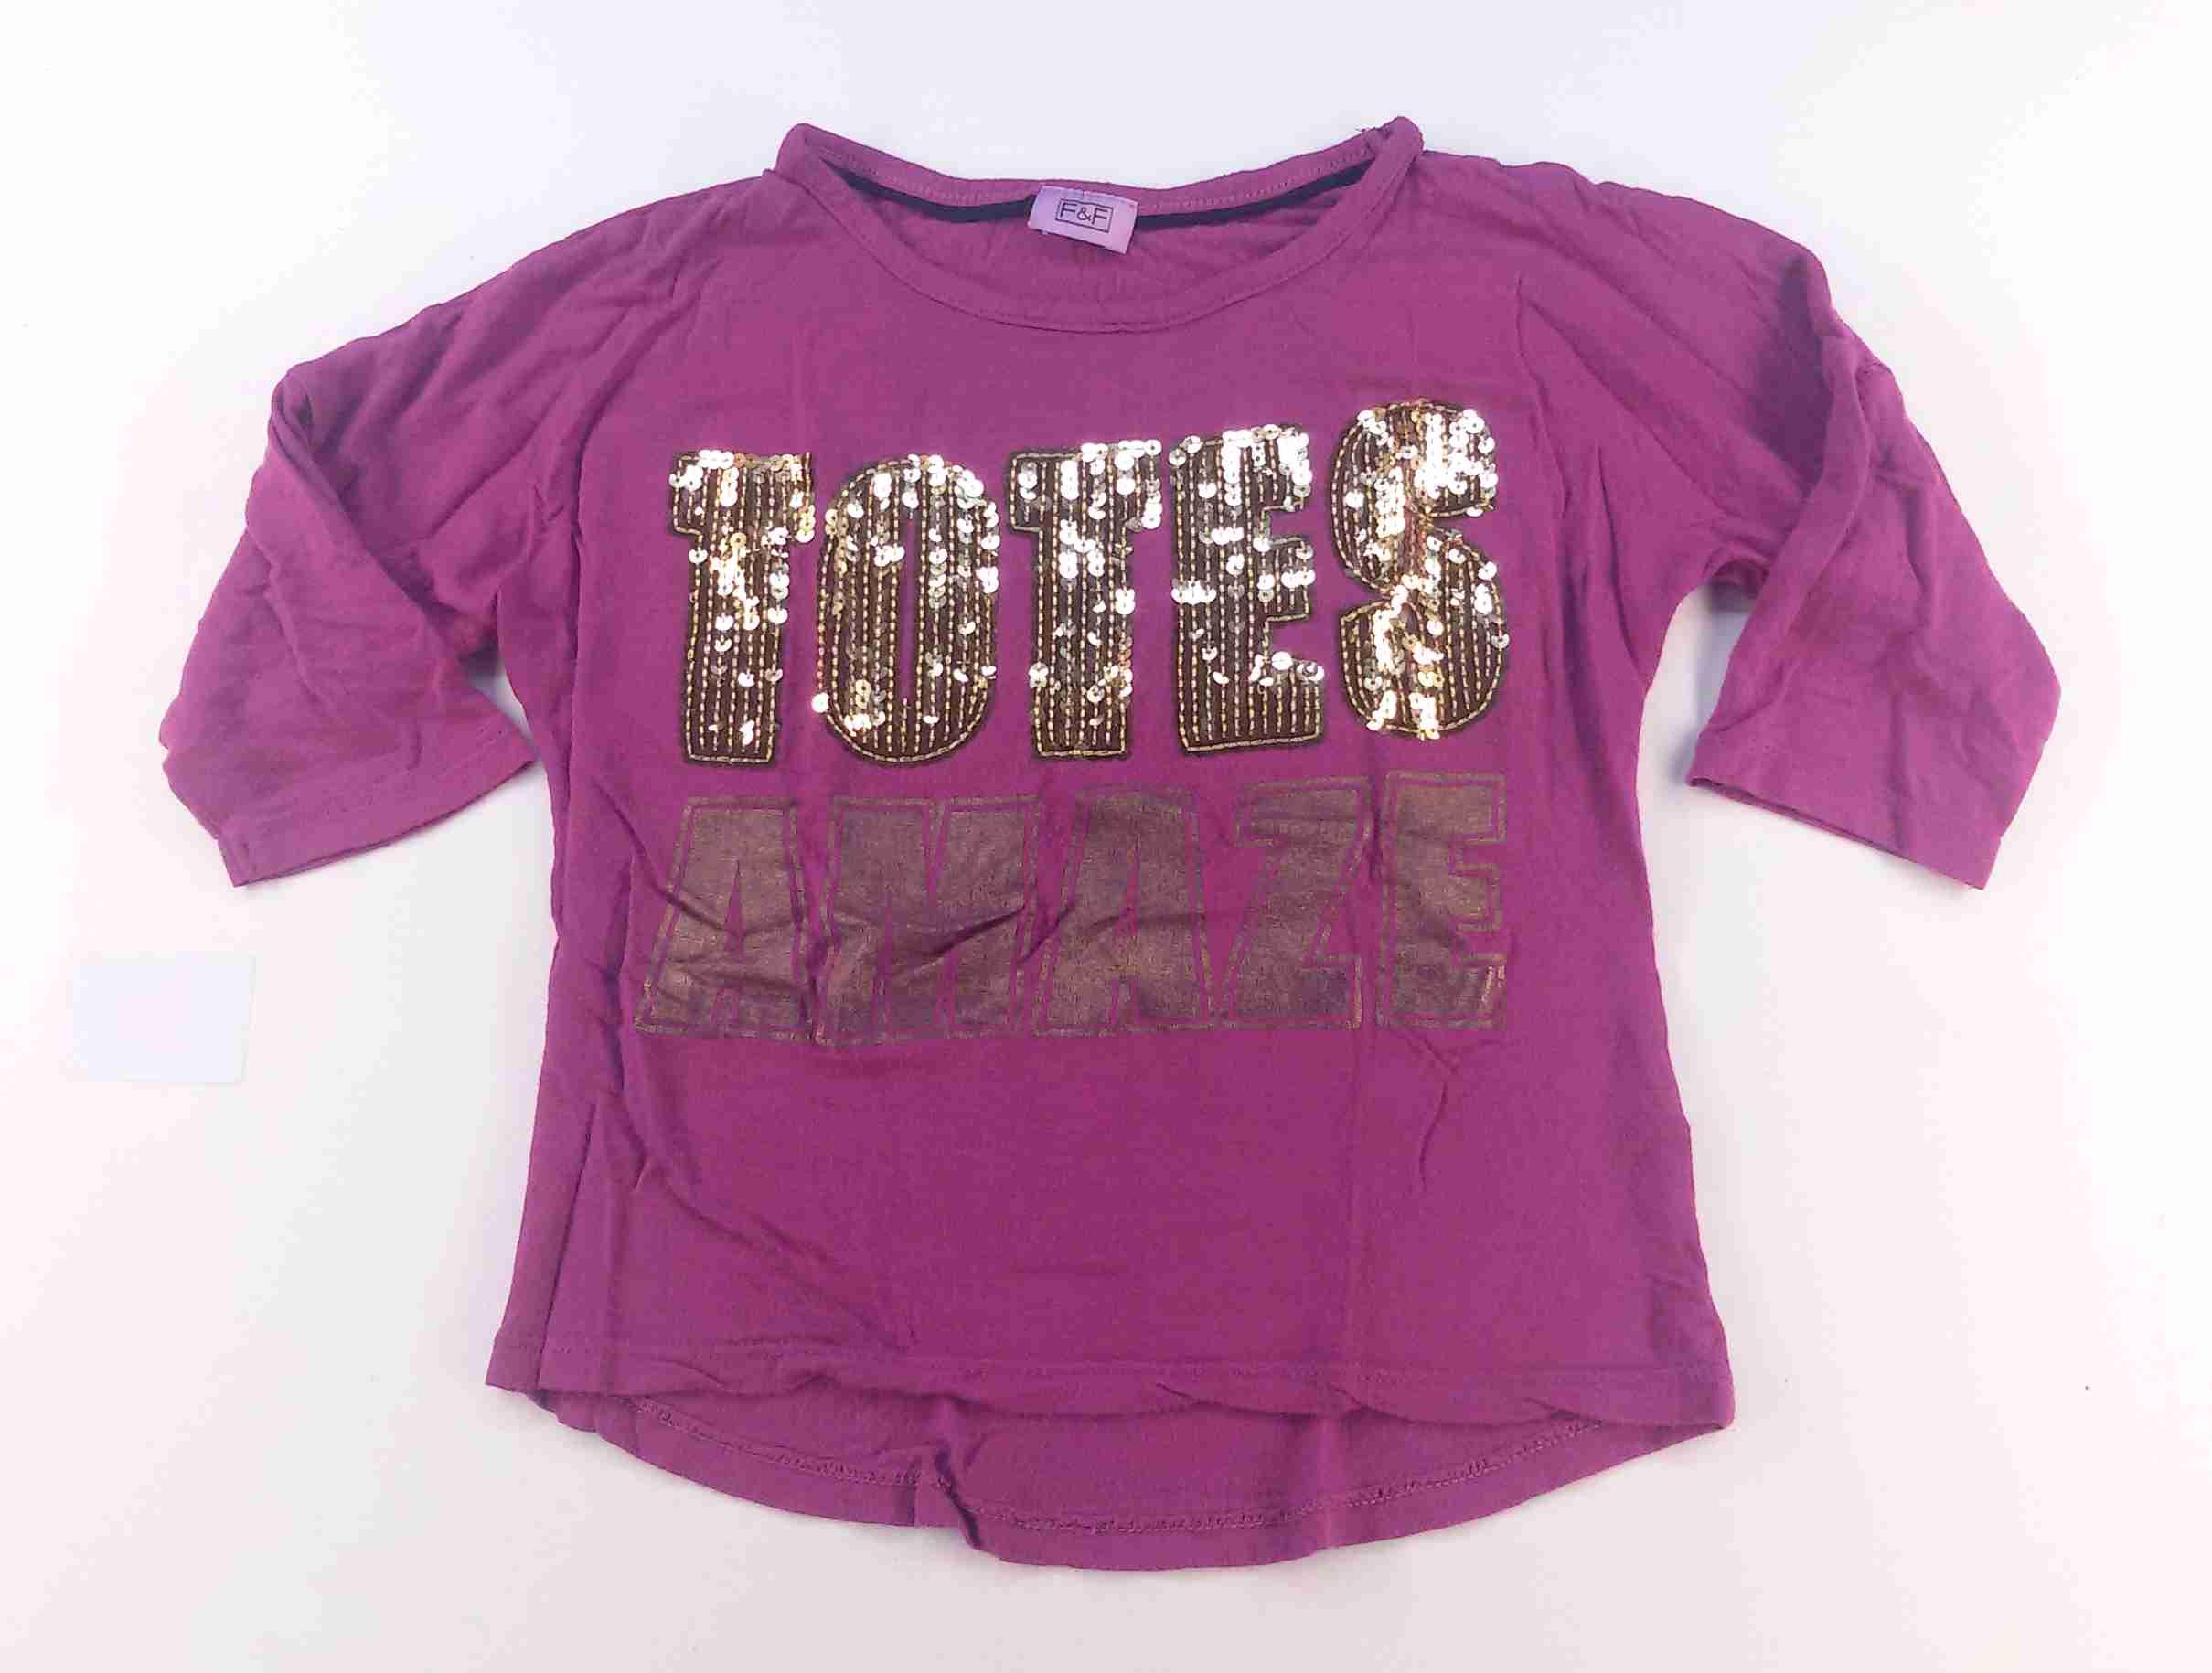 829ee79fa545 tričko netopýří fialové s nápisem s flitry FF vel 116